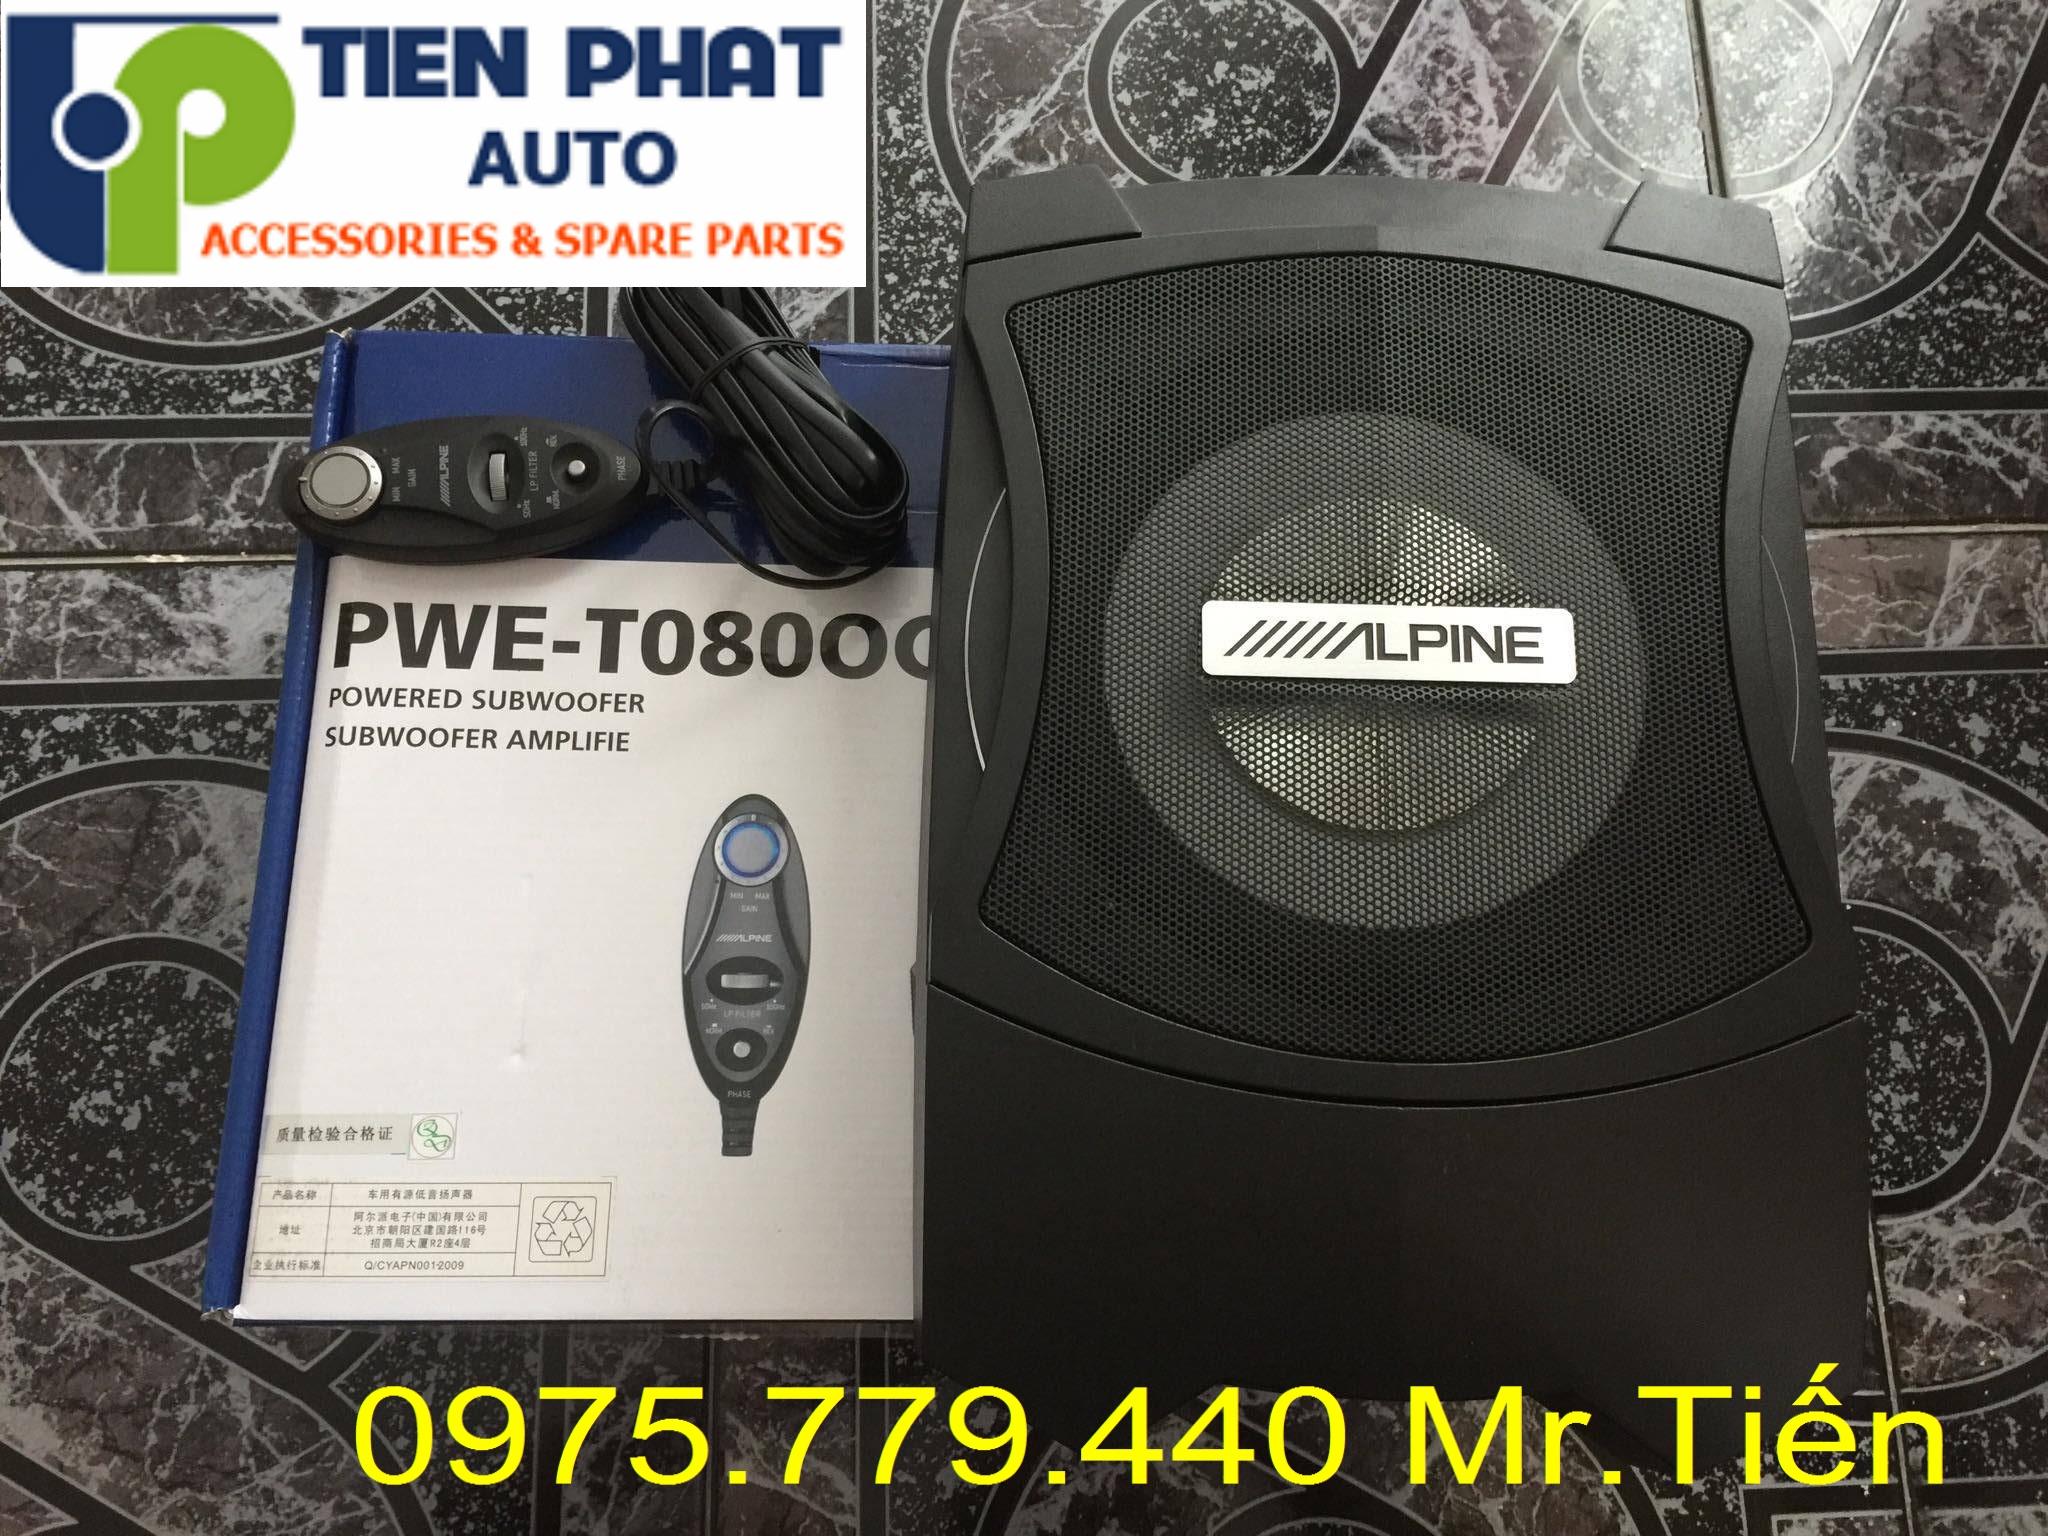 Lắp Loa sub Alpine PWE-T0800C cho Honda Civic Lắp Đặt Tận Nơi